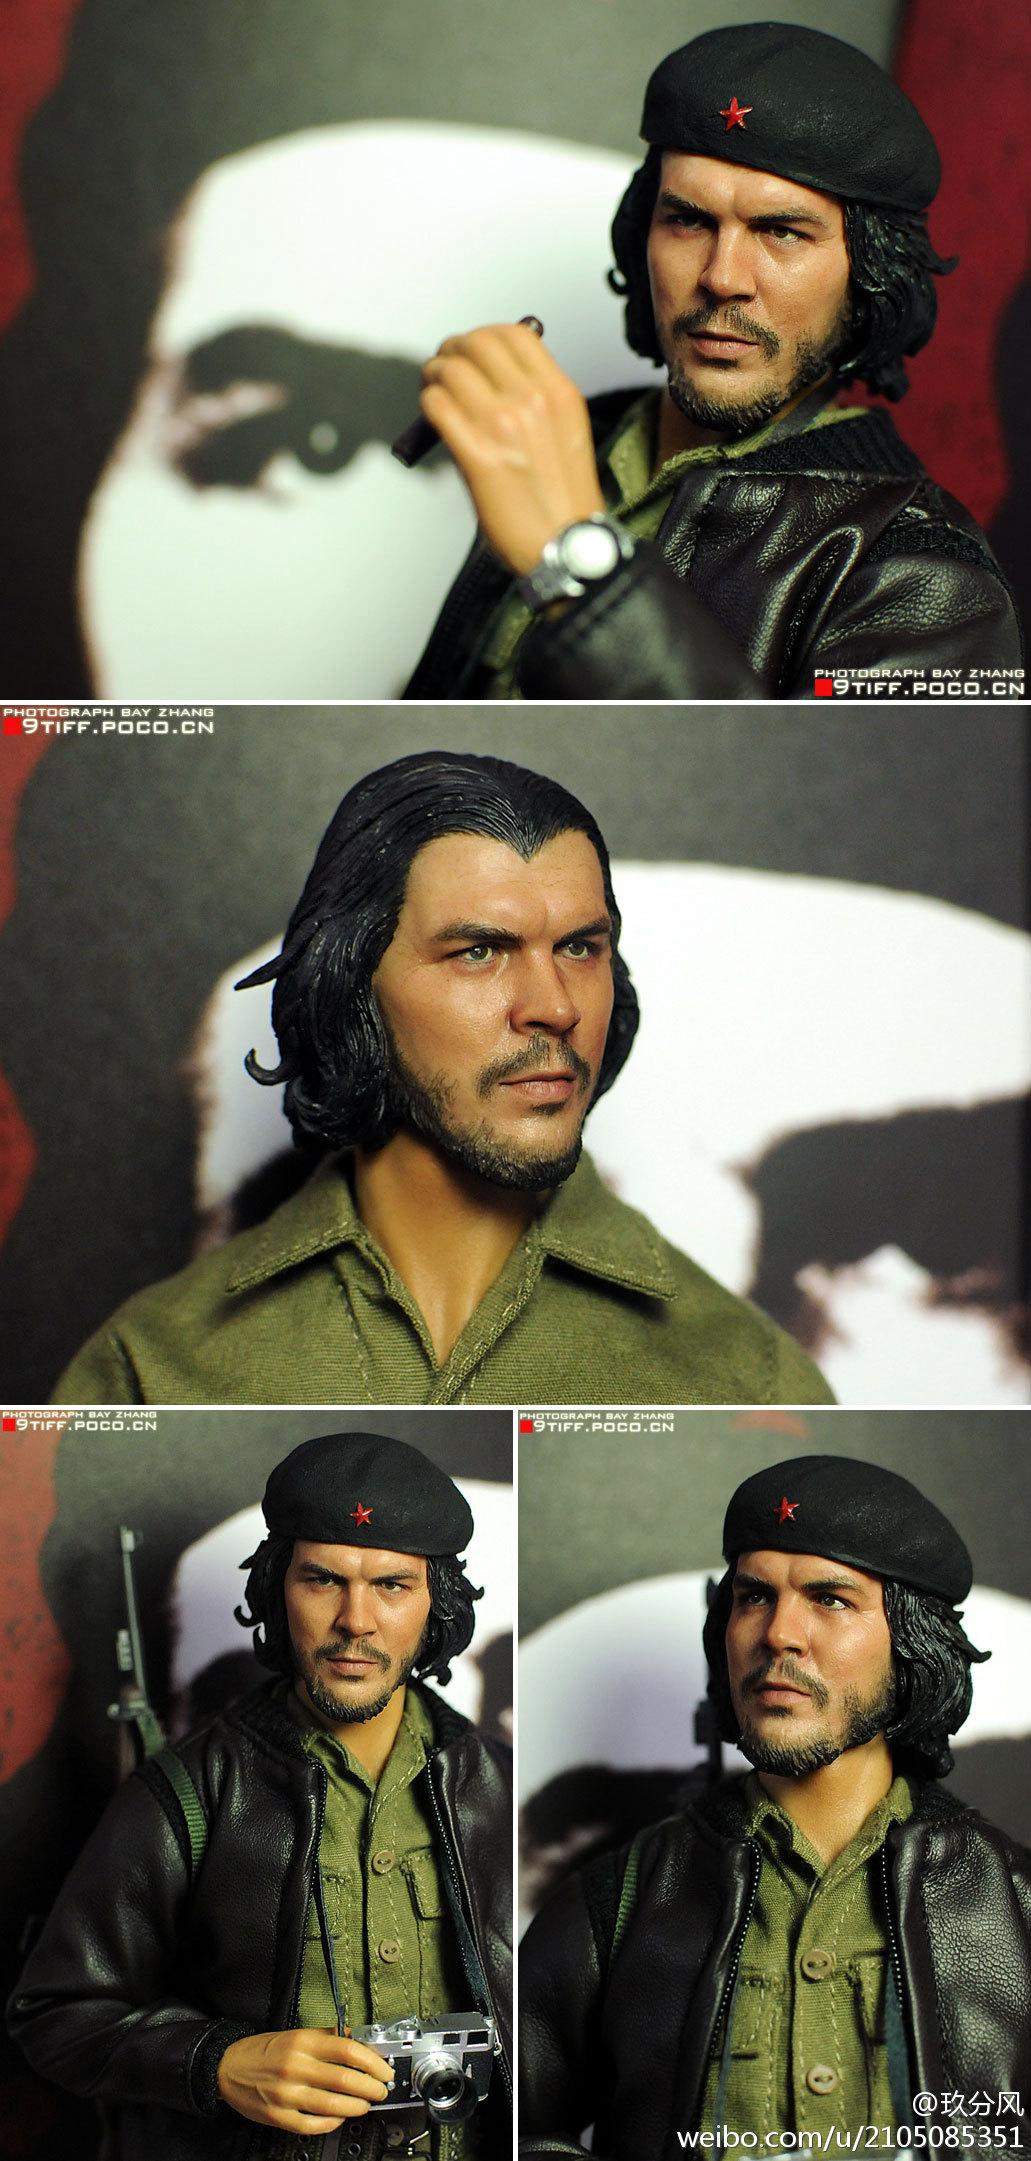 [Enterbay] Che Guevara - 1/6 Scale Collectible Figure - Página 2 7d790da7gw1dqsdo9swh7j